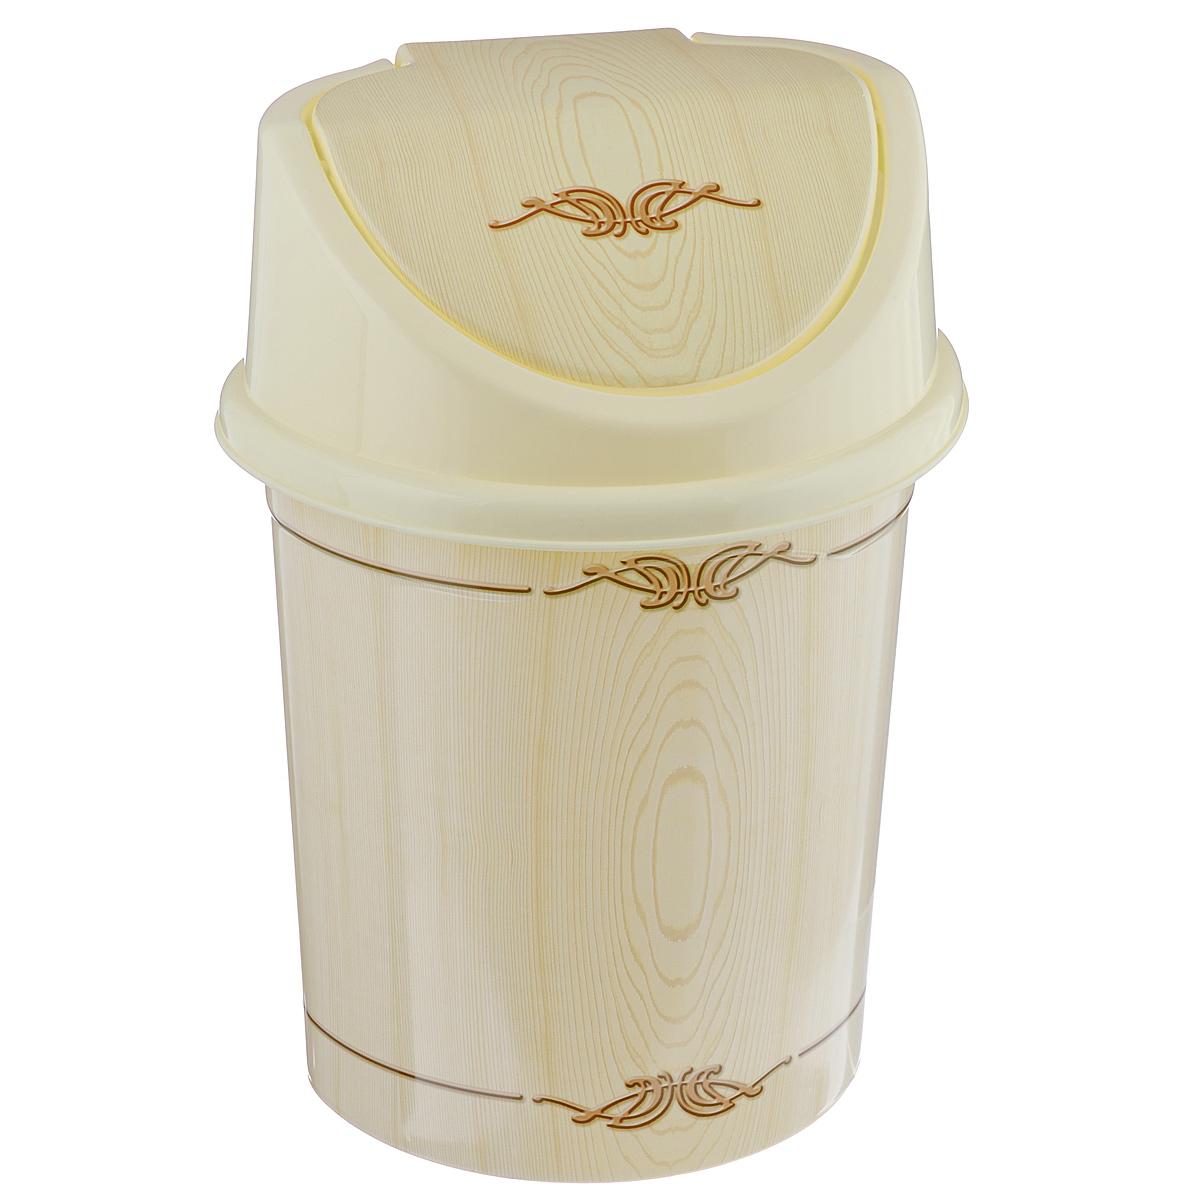 Контейнер для мусора Violet Беленый дуб, цвет: слоновая кость, коричневый, 4 лRG-D31SКонтейнер для мусора Violet Беленый дуб изготовлен из прочного пластика. Контейнер снабжен удобной съемной крышкой с подвижной перегородкой. В нем удобно хранить мелкий мусор. Благодаря лаконичному дизайну такой контейнер идеально впишется в интерьер и дома, и офиса.Размер изделия: 16 см x 20 см x 27 см.